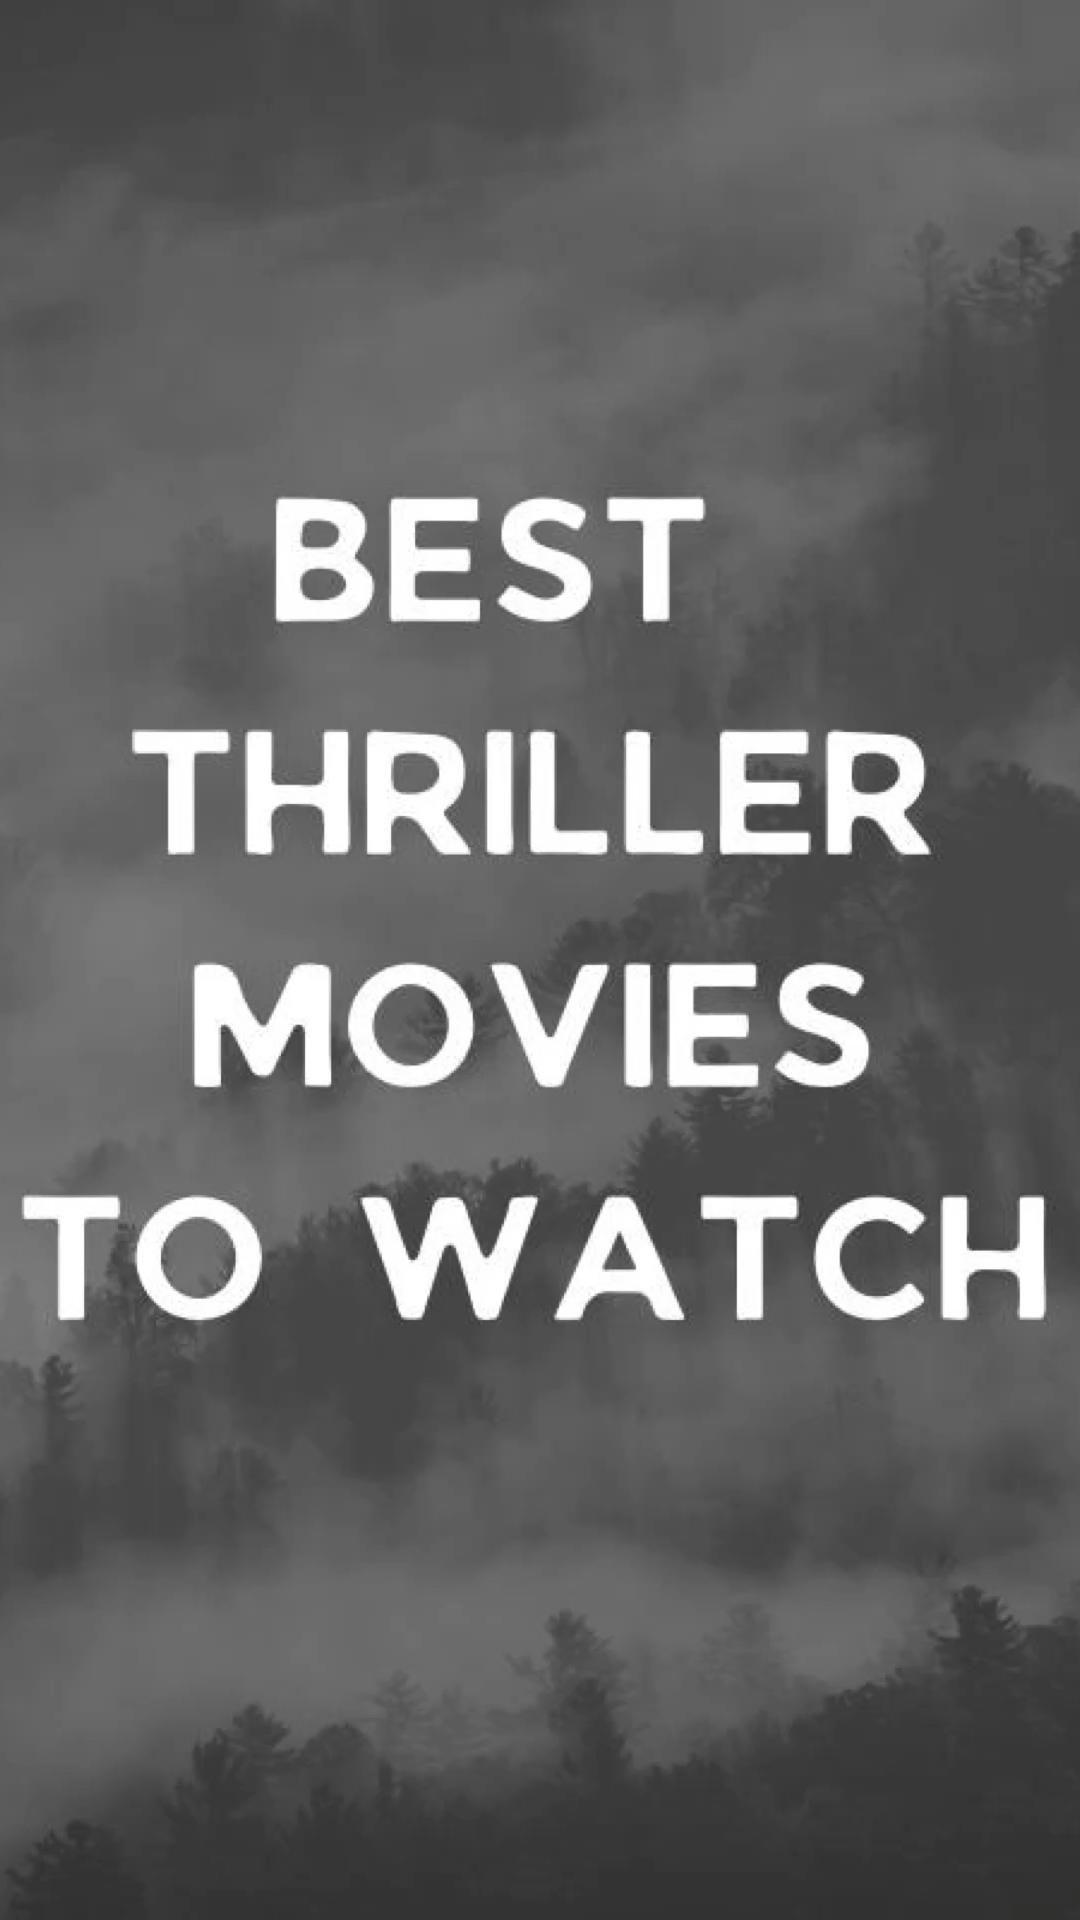 Best thriller movies!!!